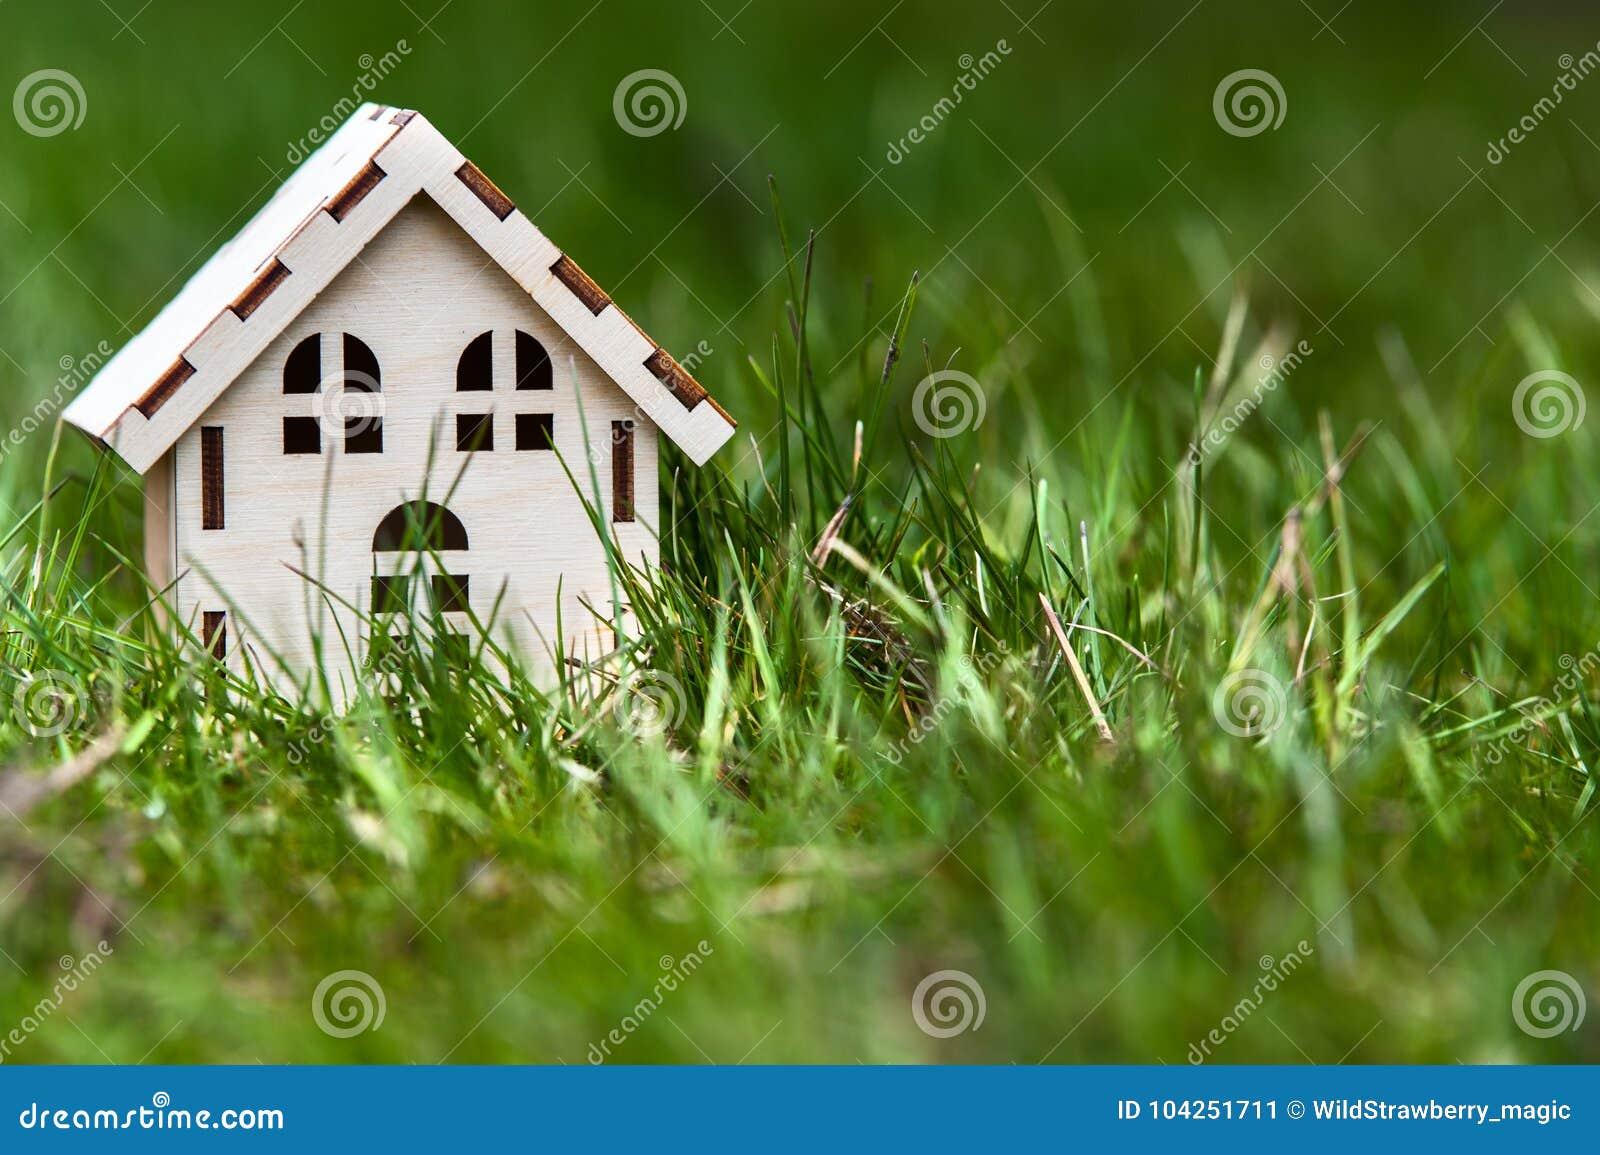 Дом игрушки в зеленой траве